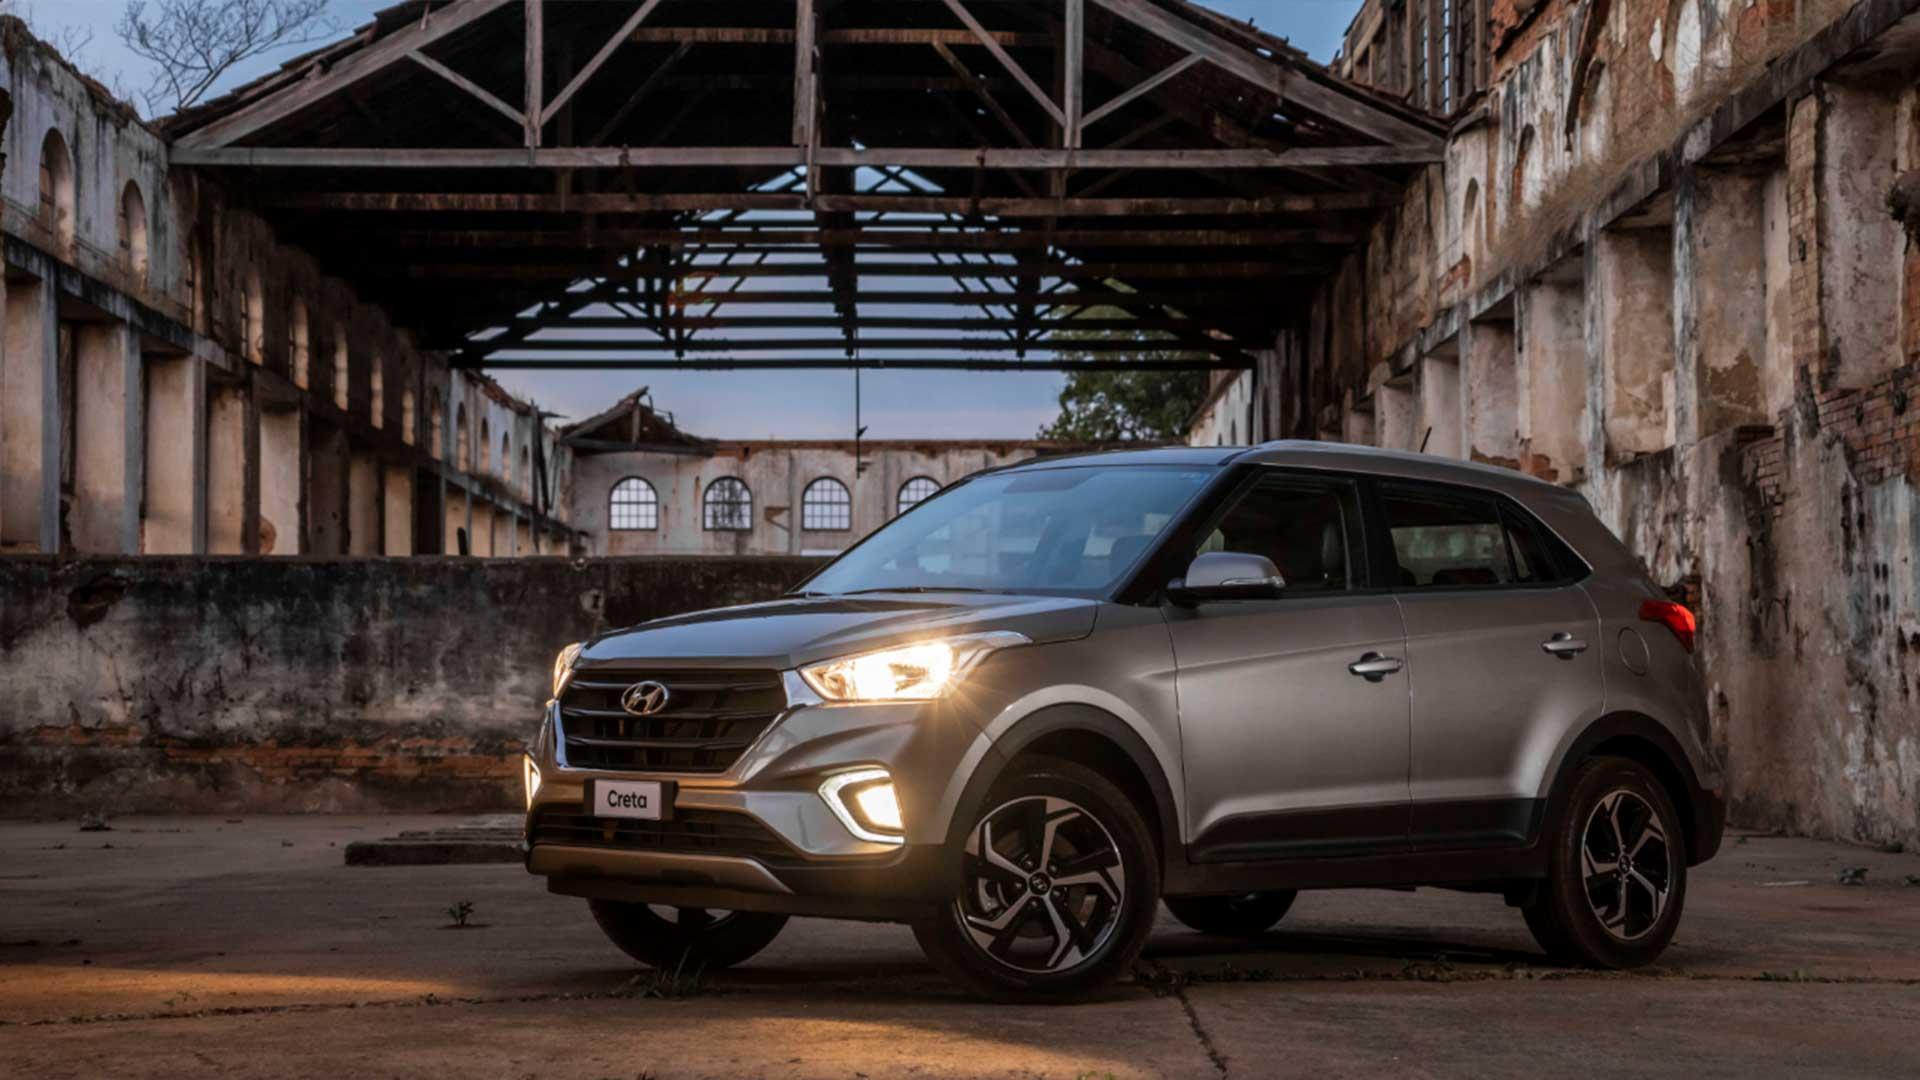 Creta Smart Plus é a nova versão do SUV compacto da Hyundai